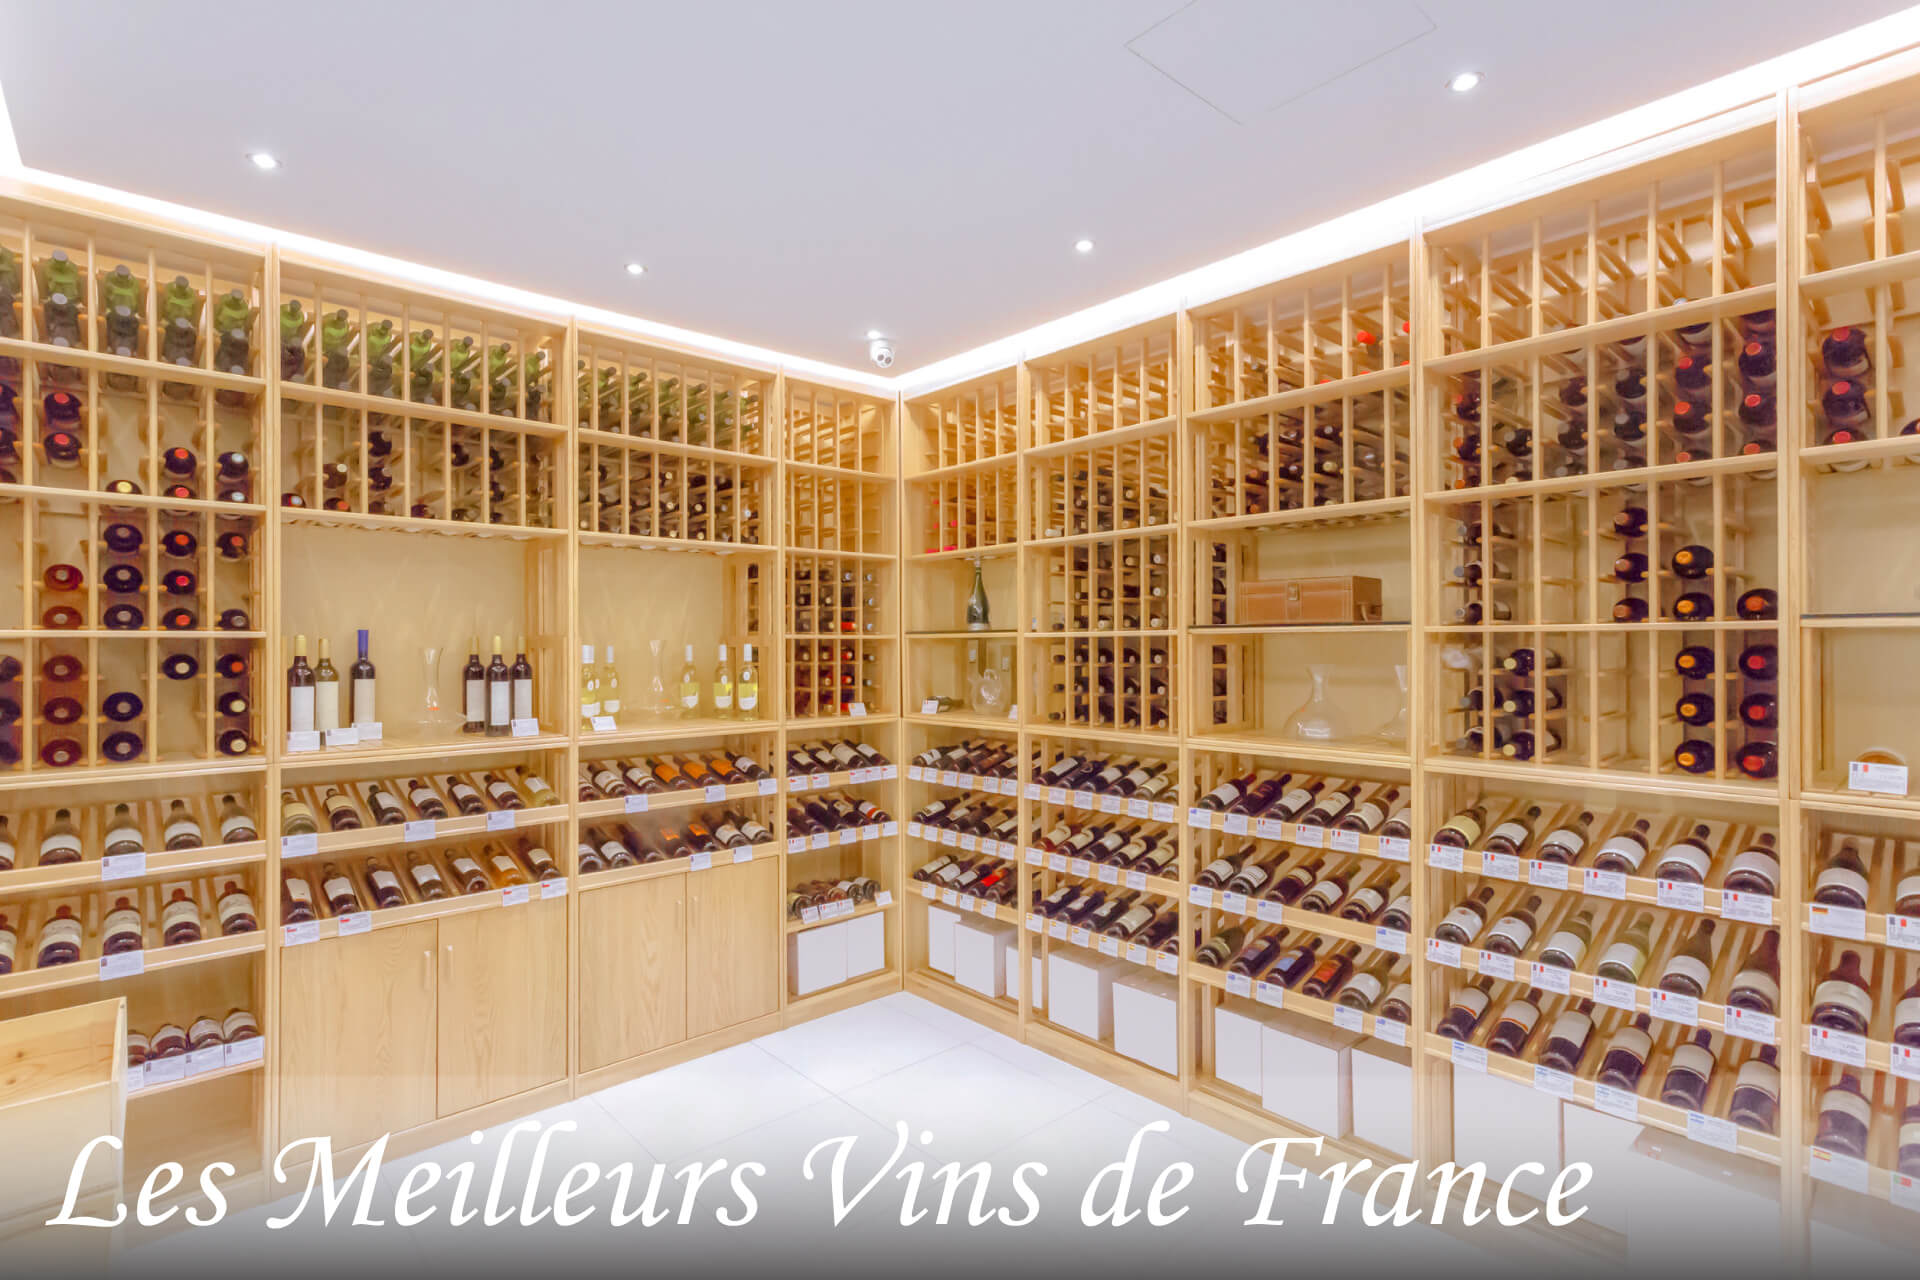 レ・メイユール・ヴァン・ド・フランス誌で高得点を獲得した!3000円台中心のおすすめワインのメインビジュアル画像